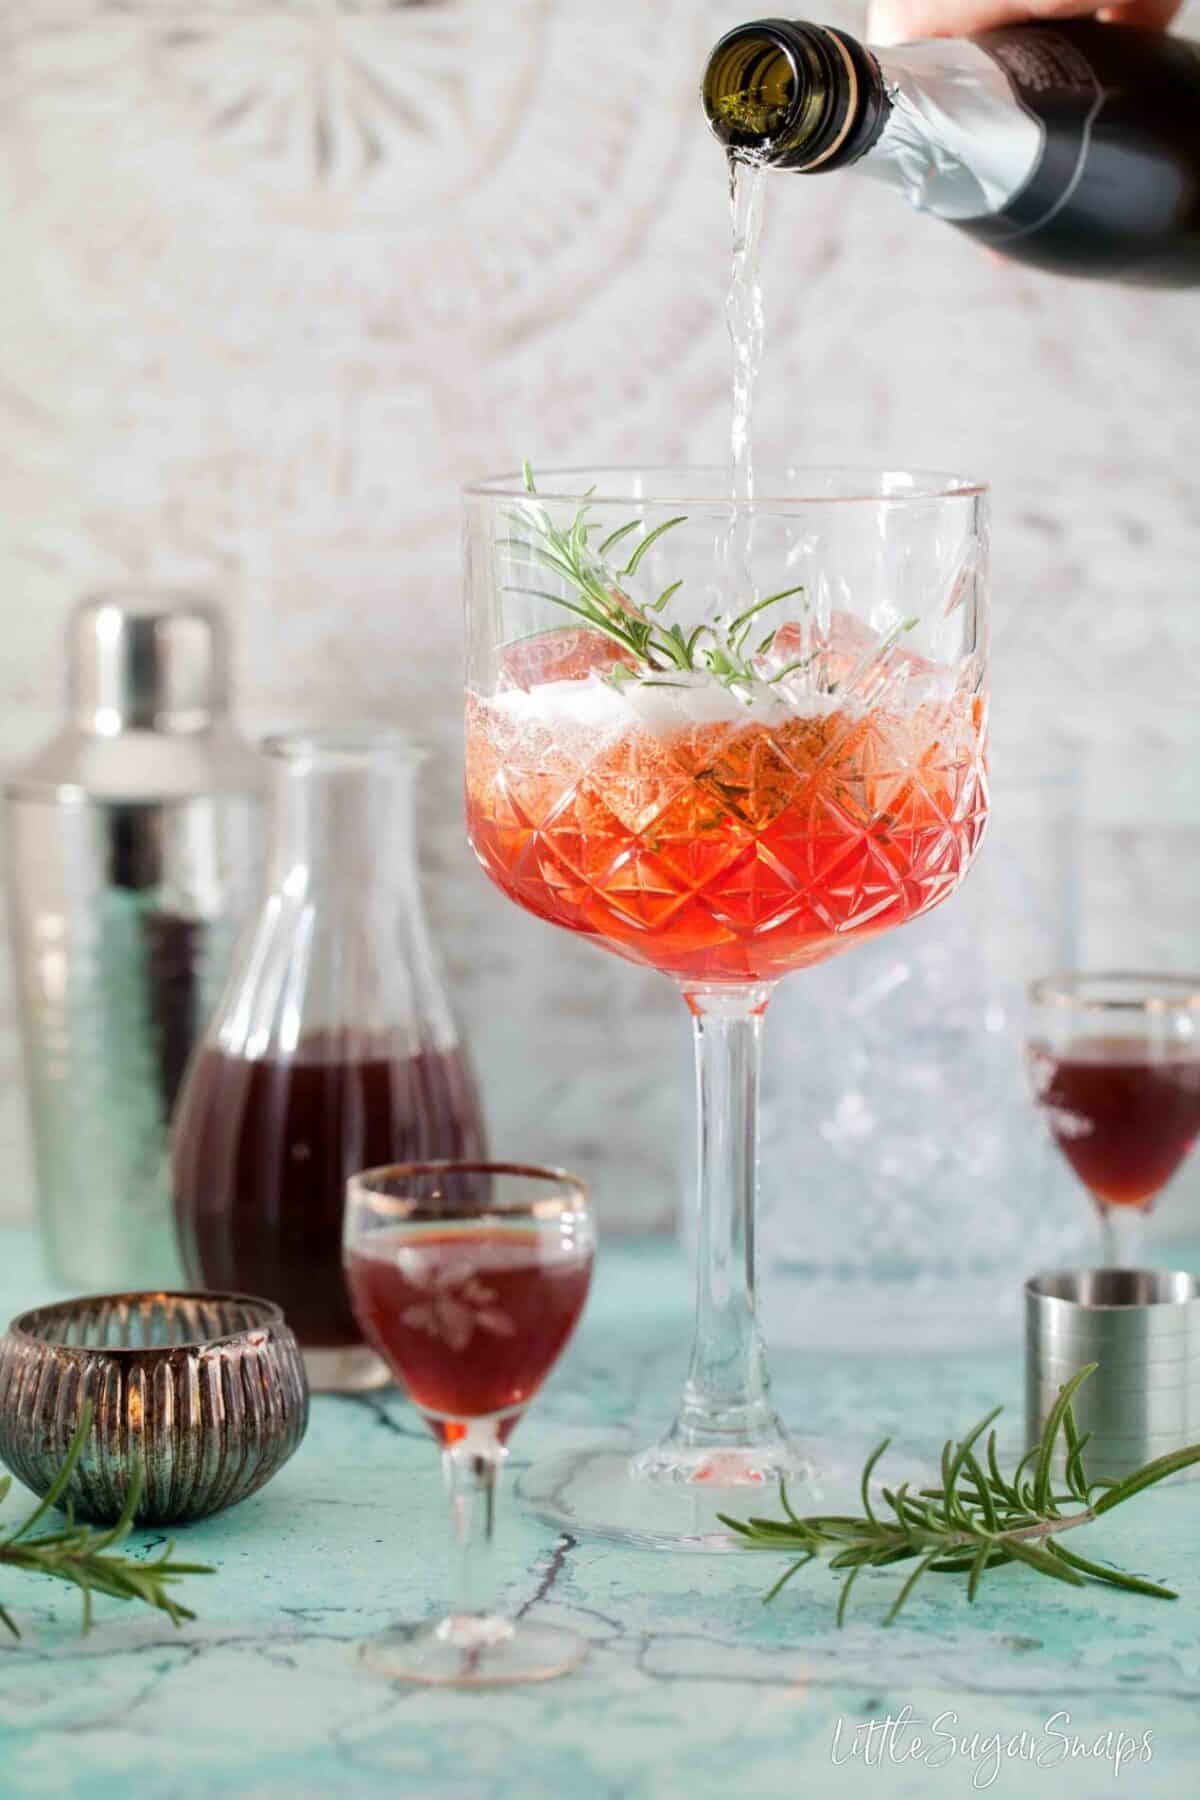 pouring prosecco into a copa glass